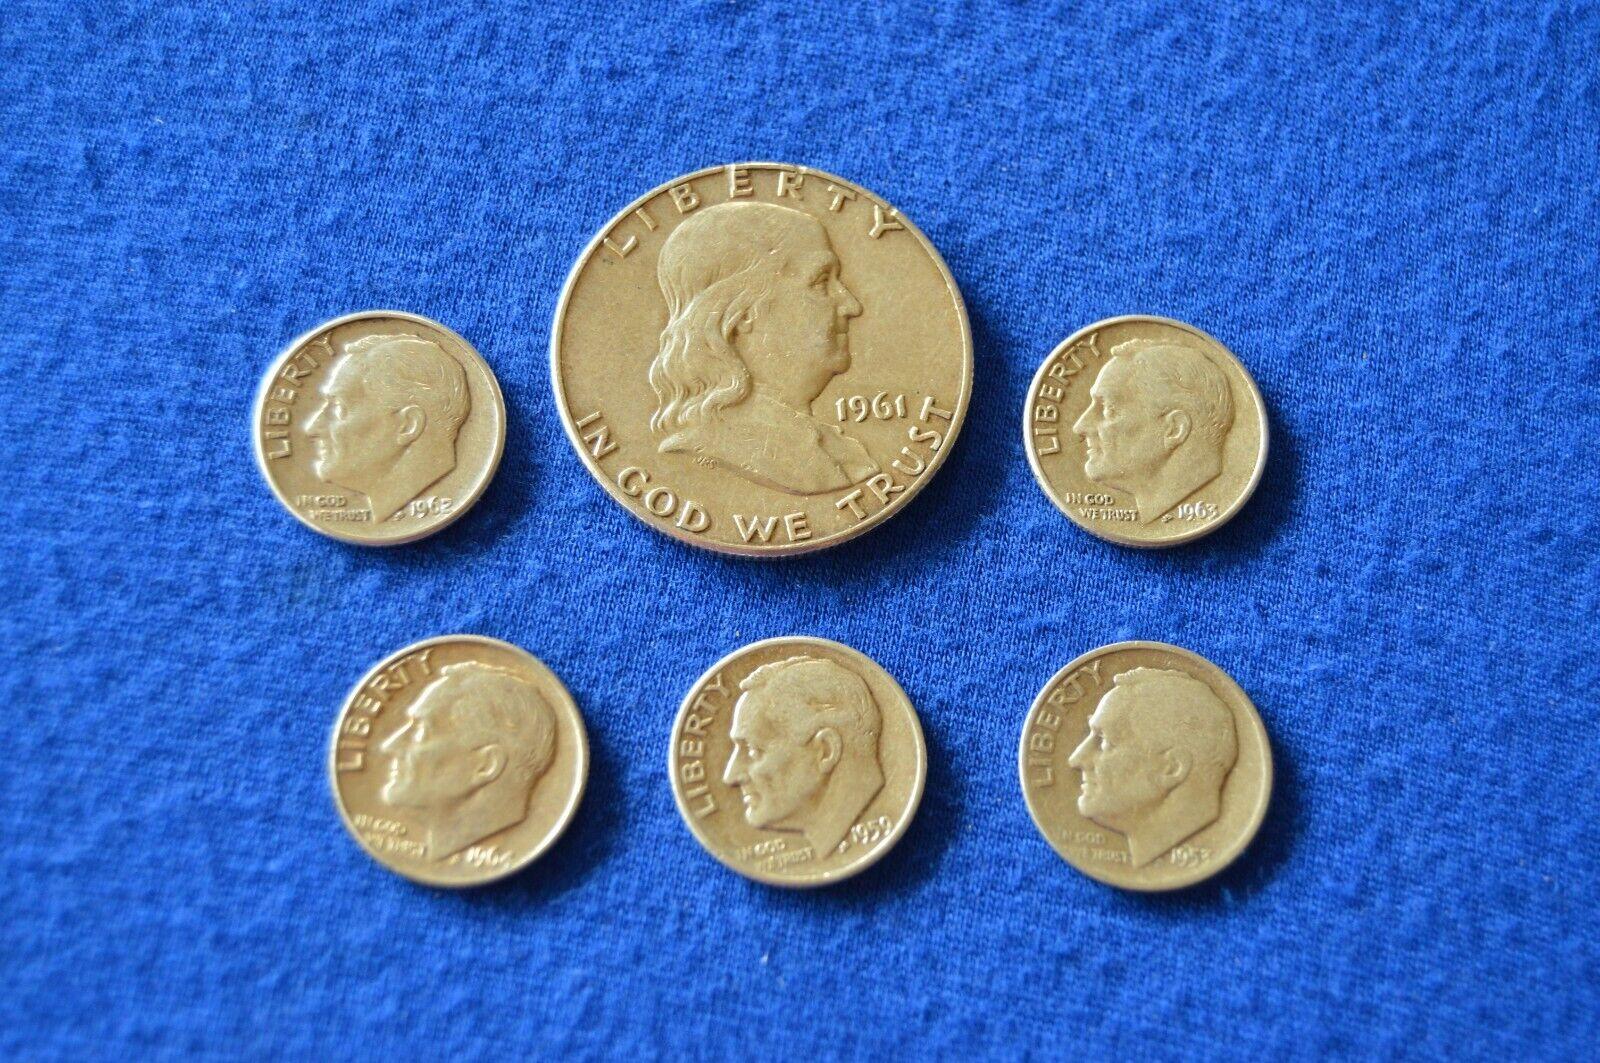 1961 D Franklin Half Dollar 1953 D, 59 D, 62 D, 63 D 64 Roosevelt Dimes 769 - $20.00